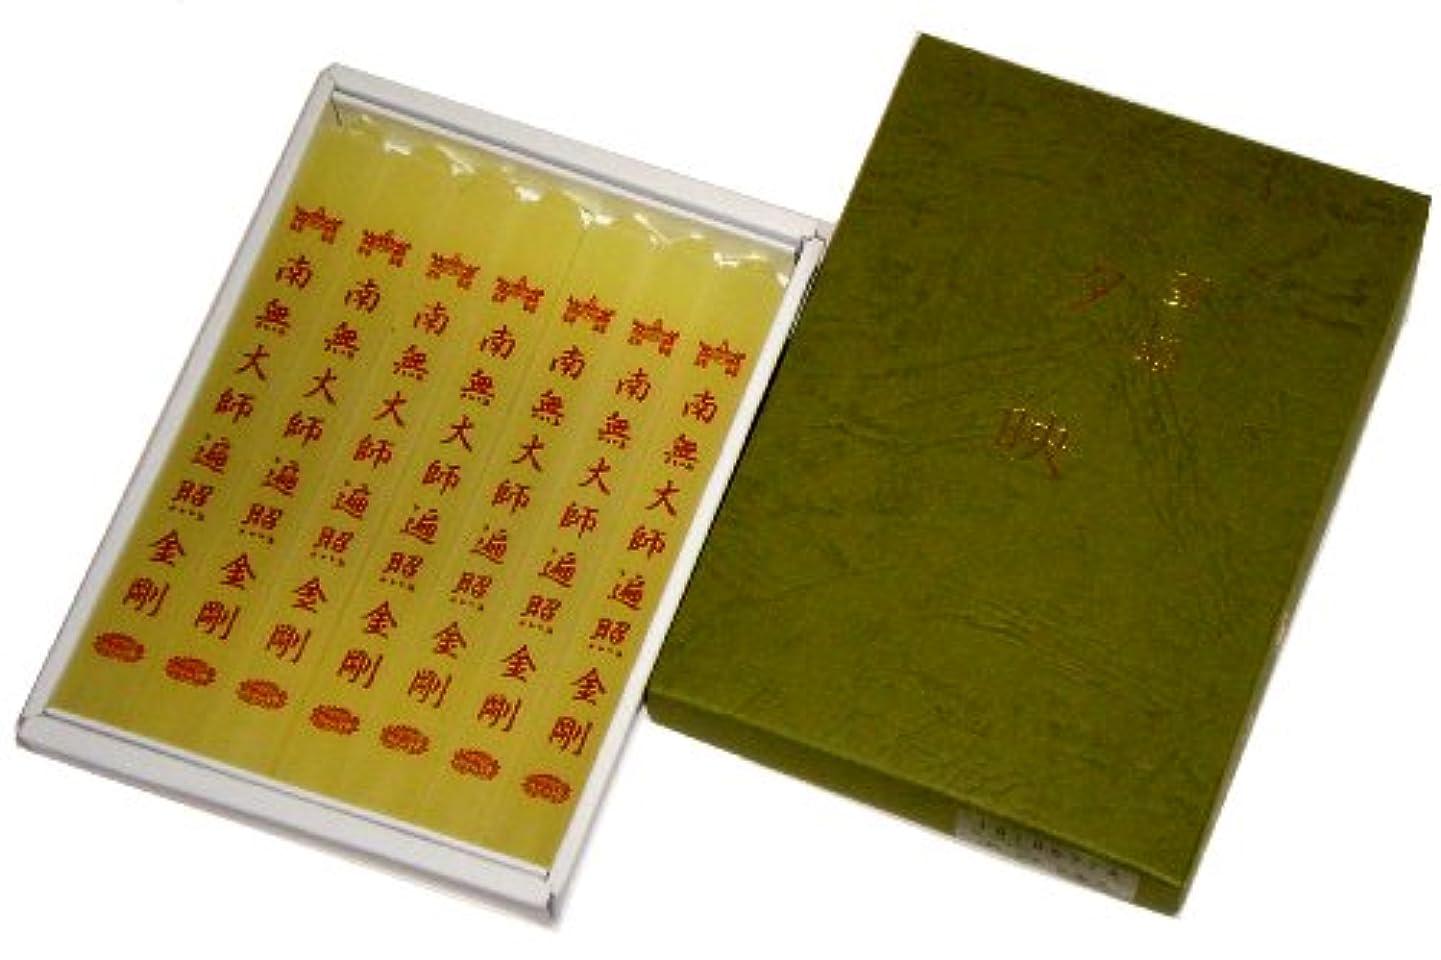 息苦しい複雑な赤道鳥居のローソク 蜜蝋夕映 大師 7本入 紙箱 #100714